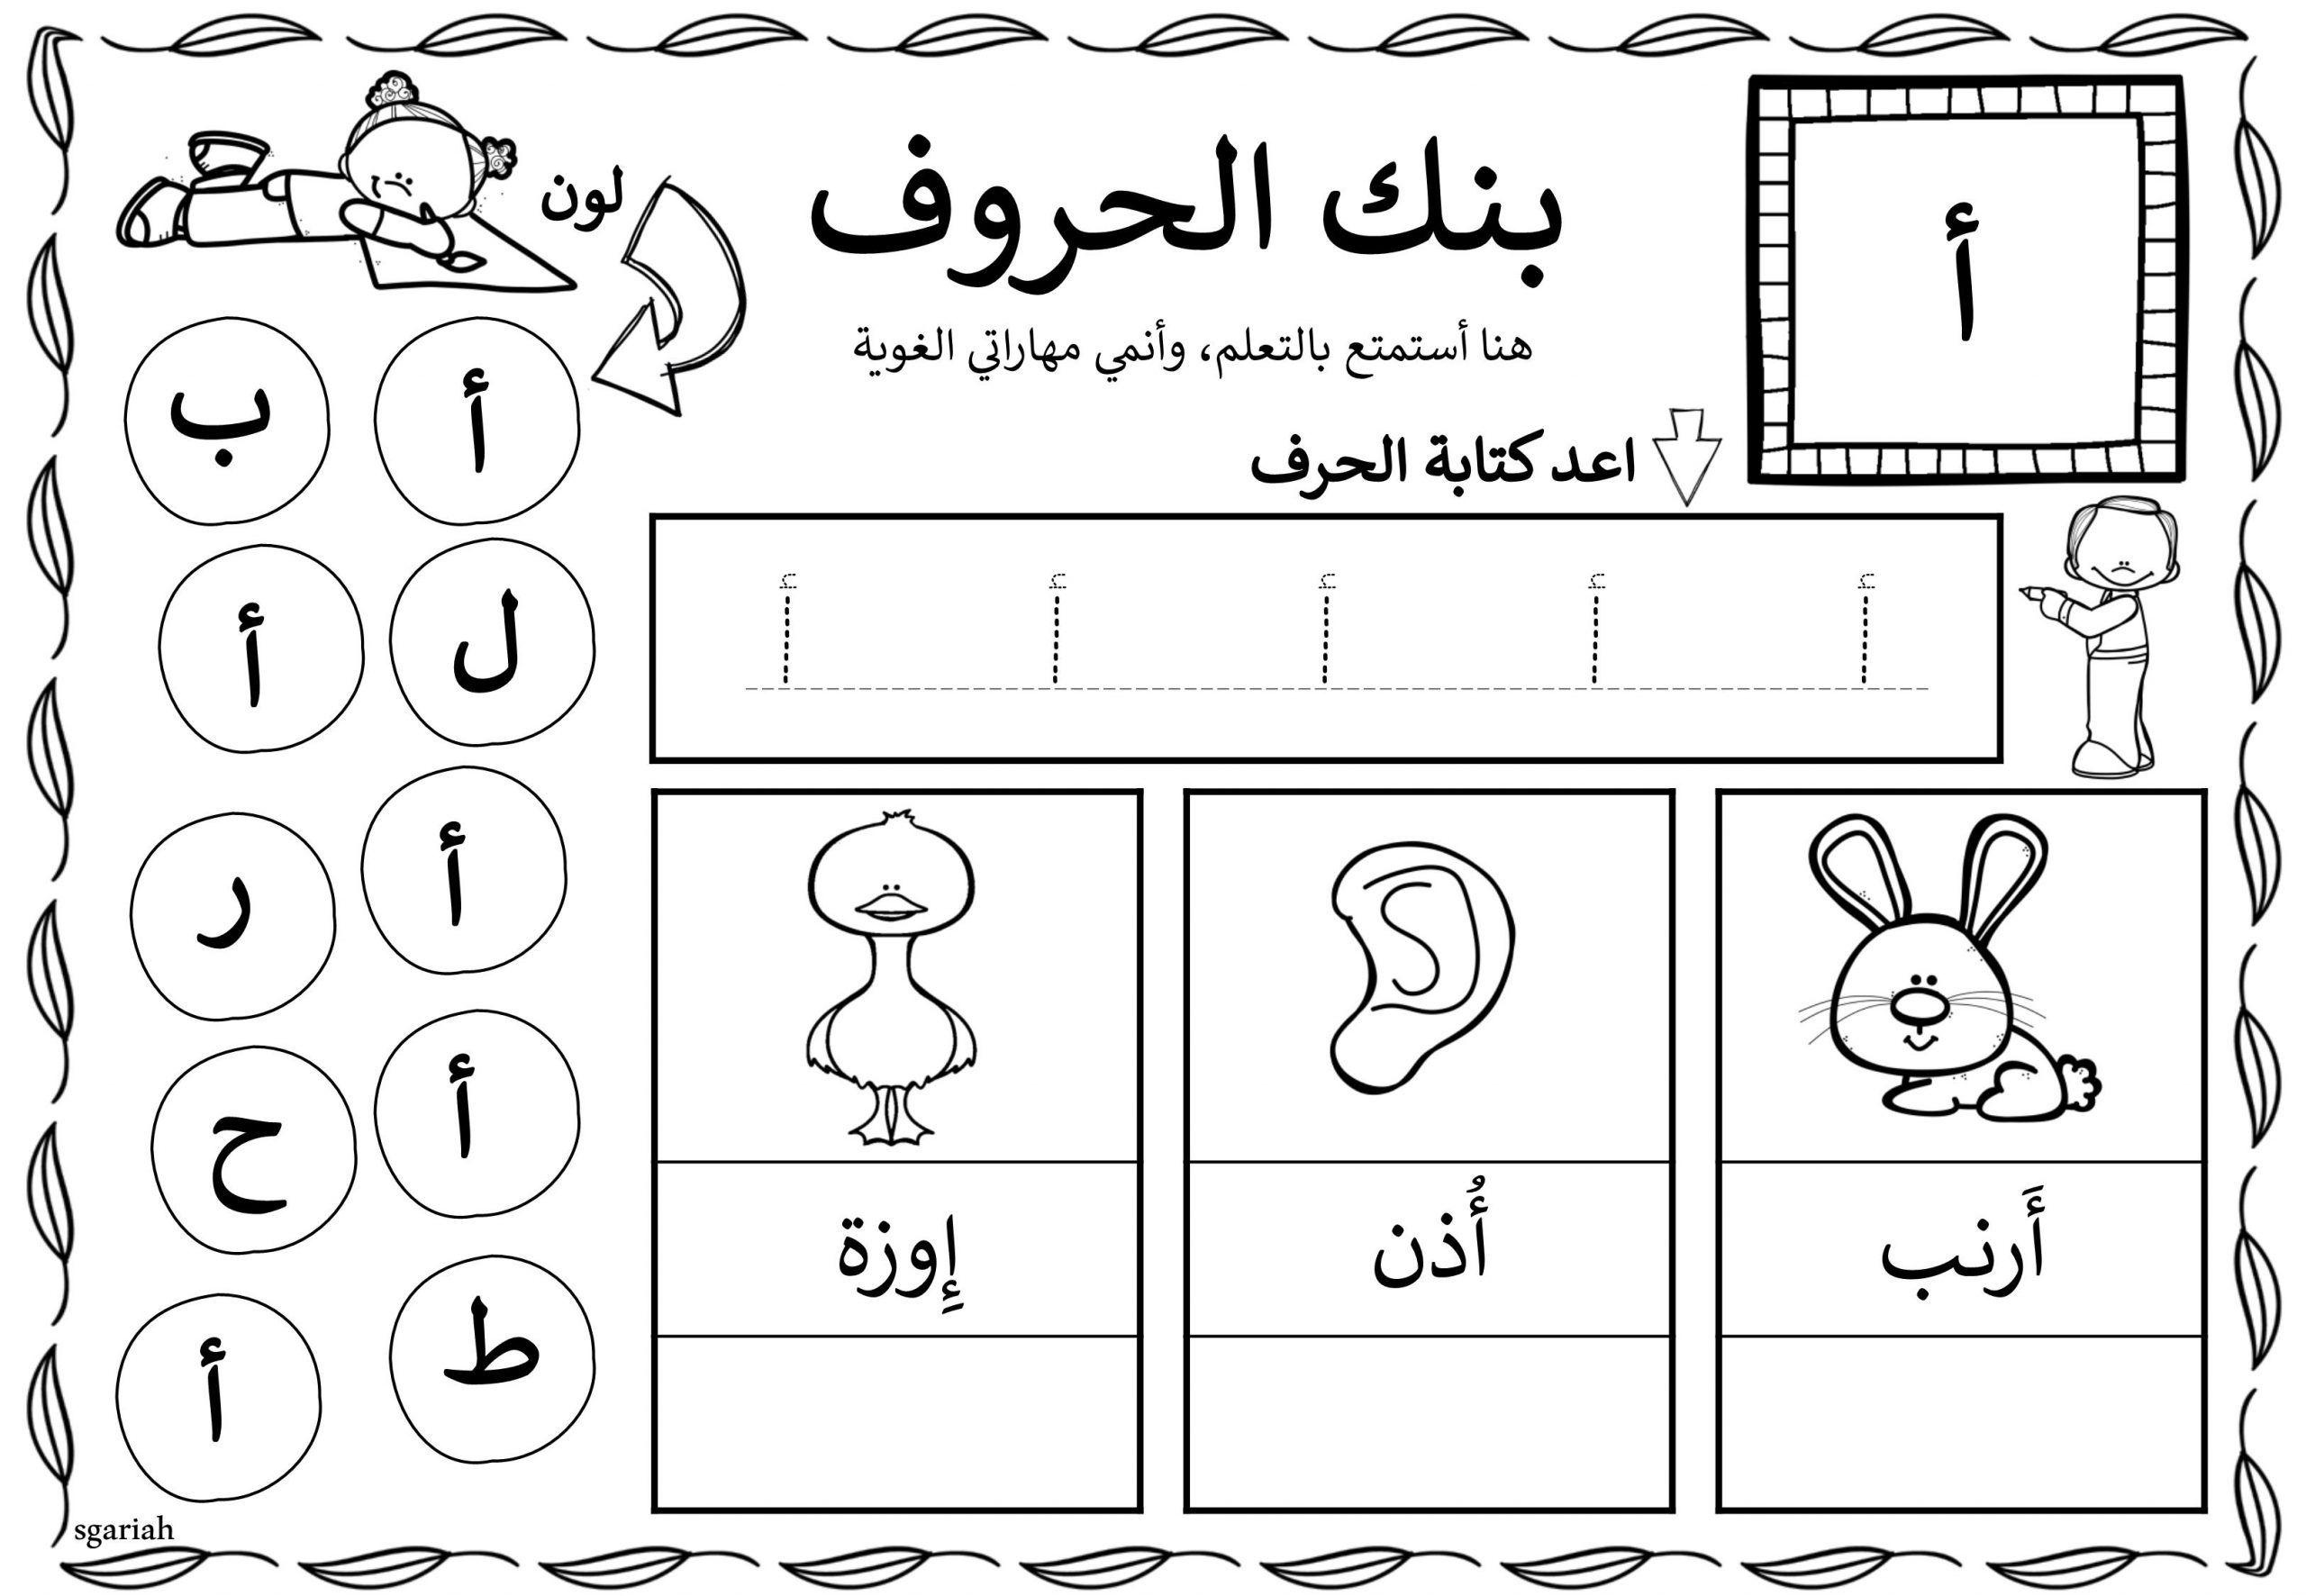 اوراق عمل ممتعة بنك الحروف للصف الاول مادة اللغة العربية Learn Arabic Online Learning Learning Arabic